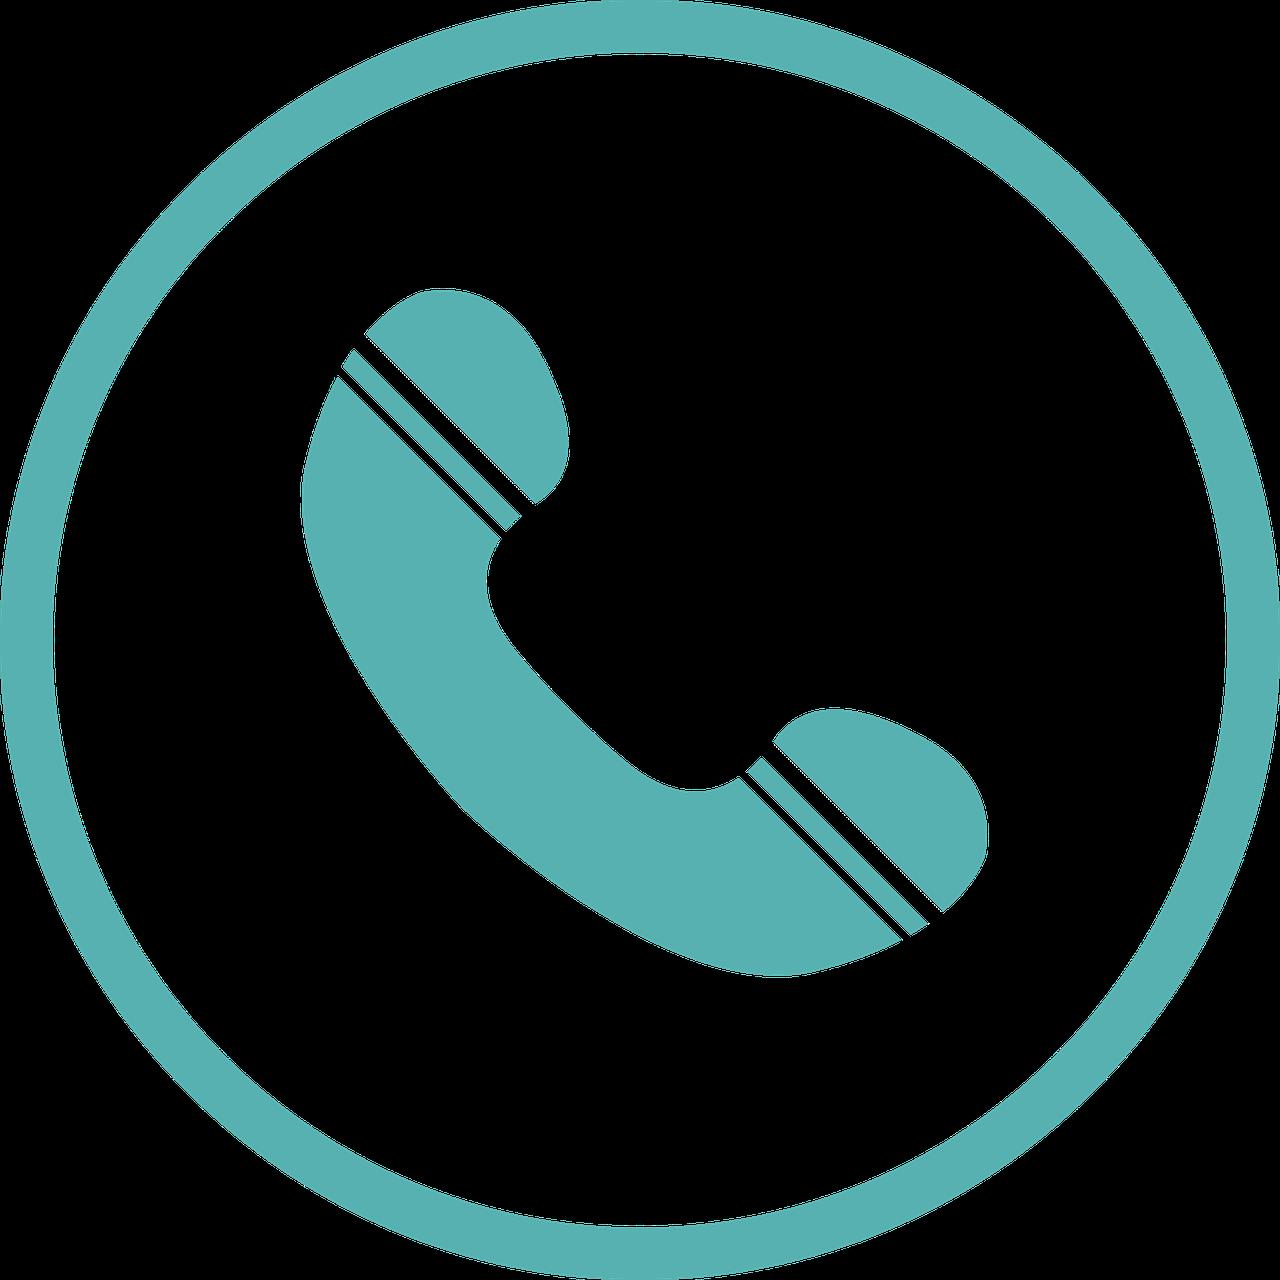 Změna provozní doby telefonních linek